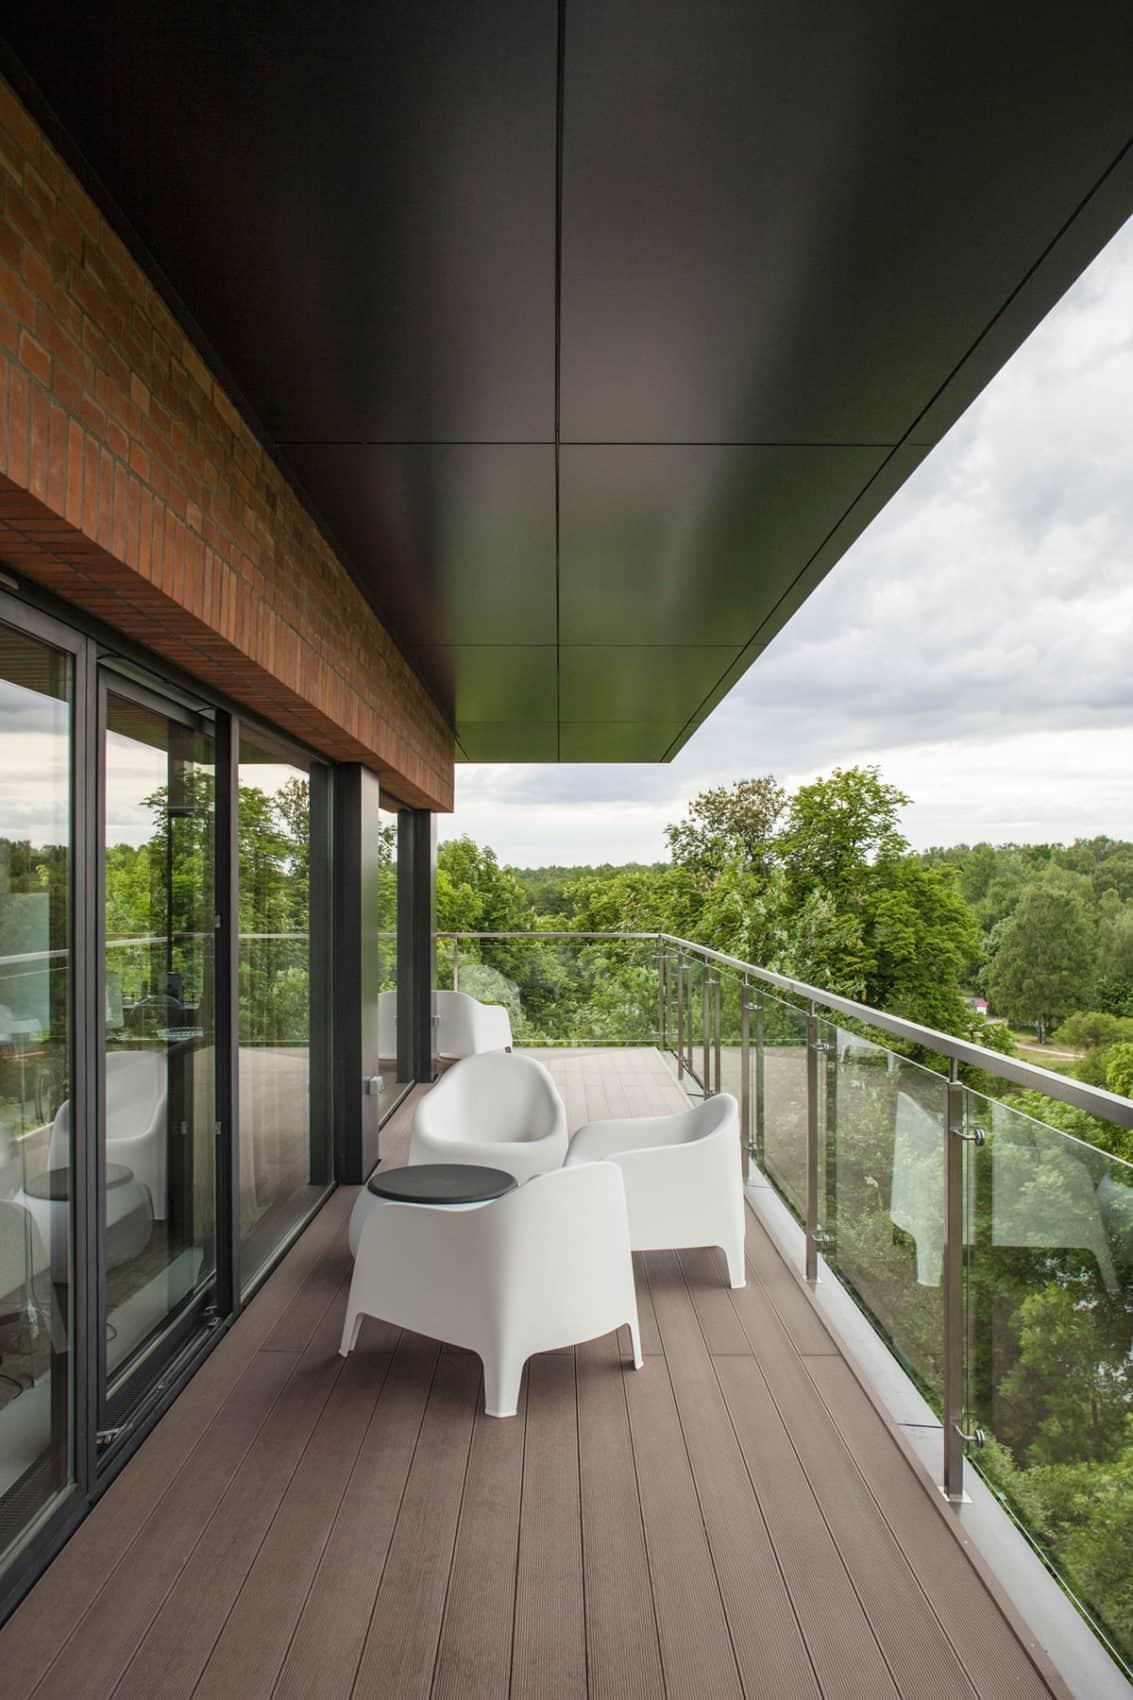 Flat Interior Design by PL.architekci (1)